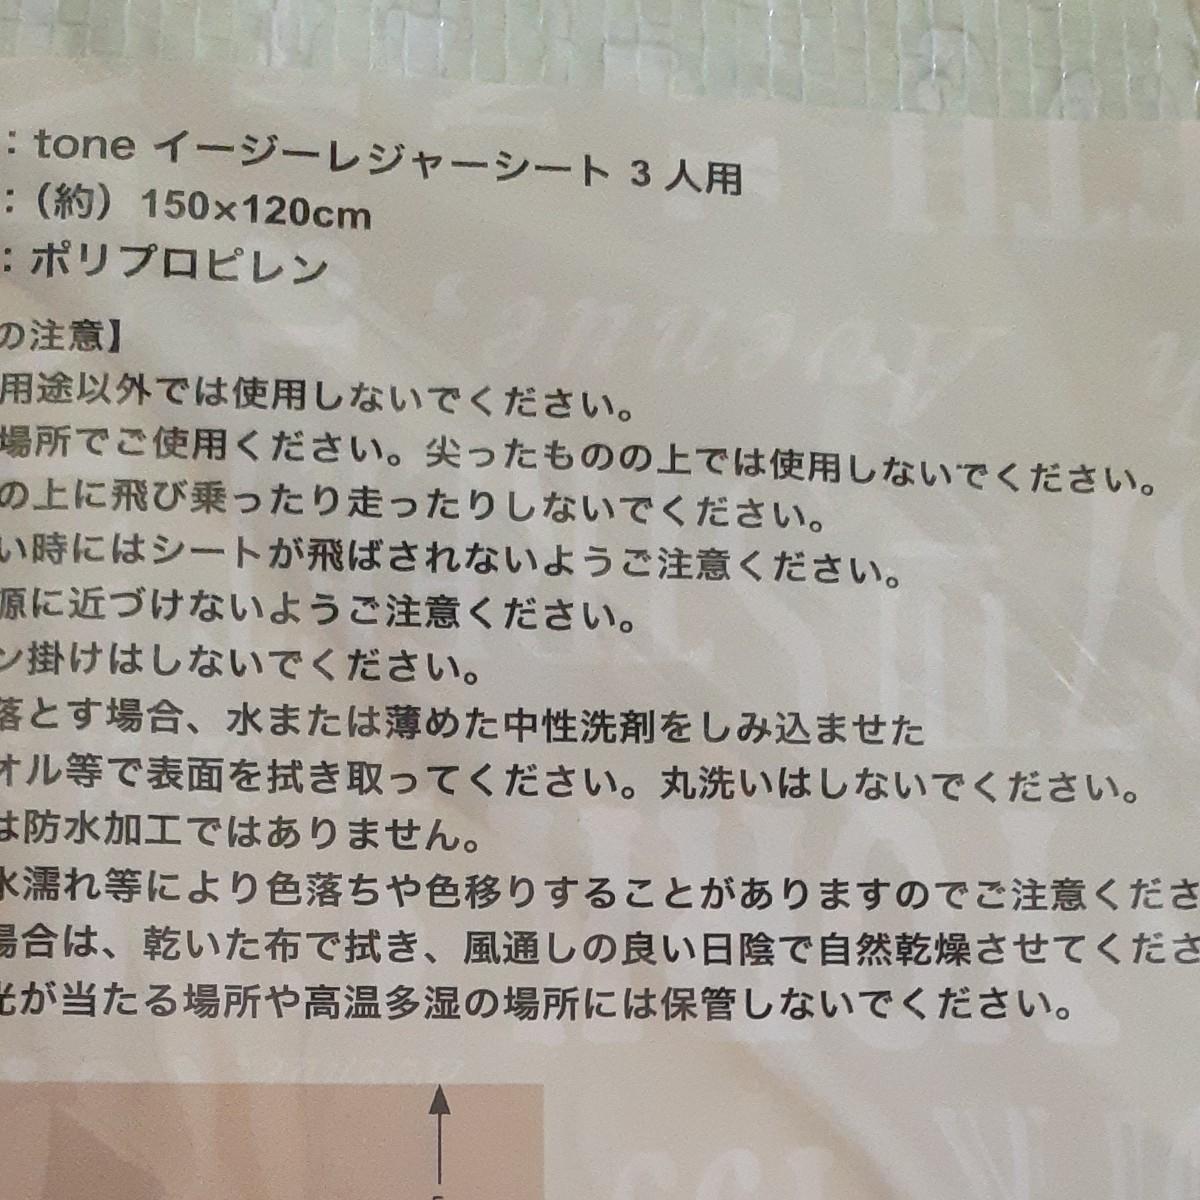 レジャーシート 150cm×120cm